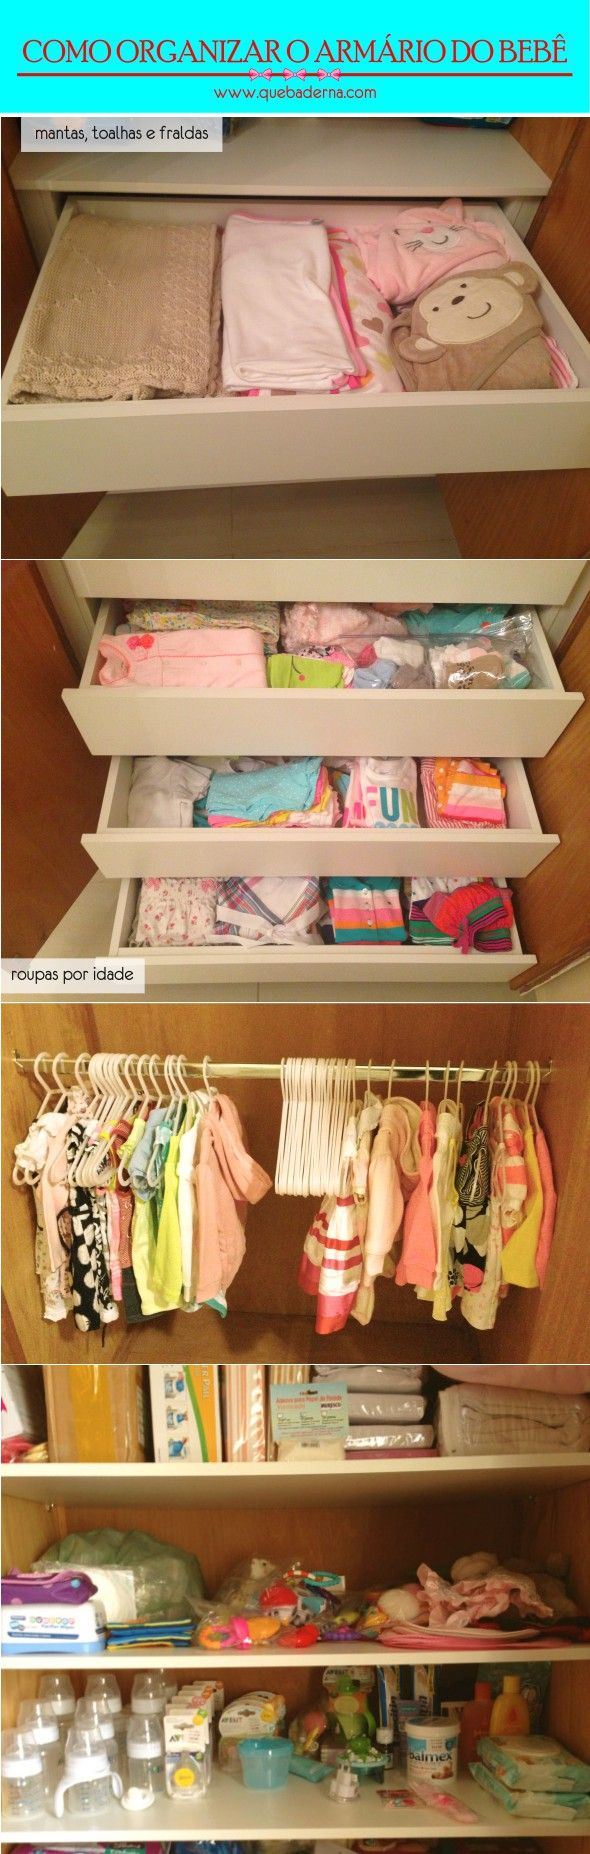 Como organizar o arm rio do beb dicas e ideias baby - Armarios para bebe ...